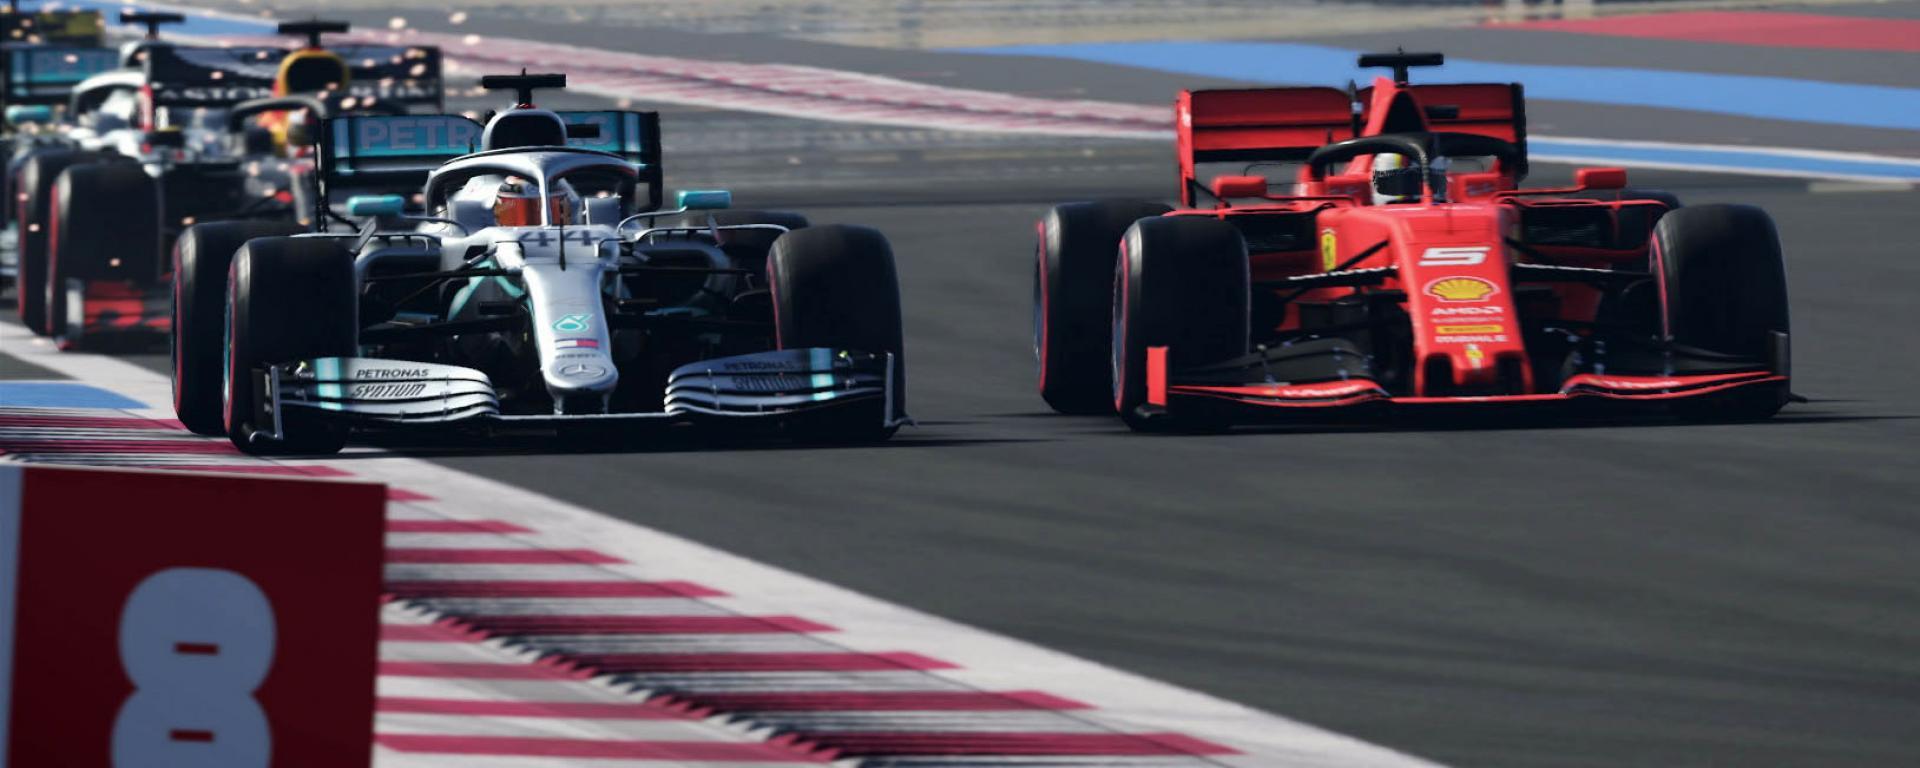 F1 2019 stagione f2